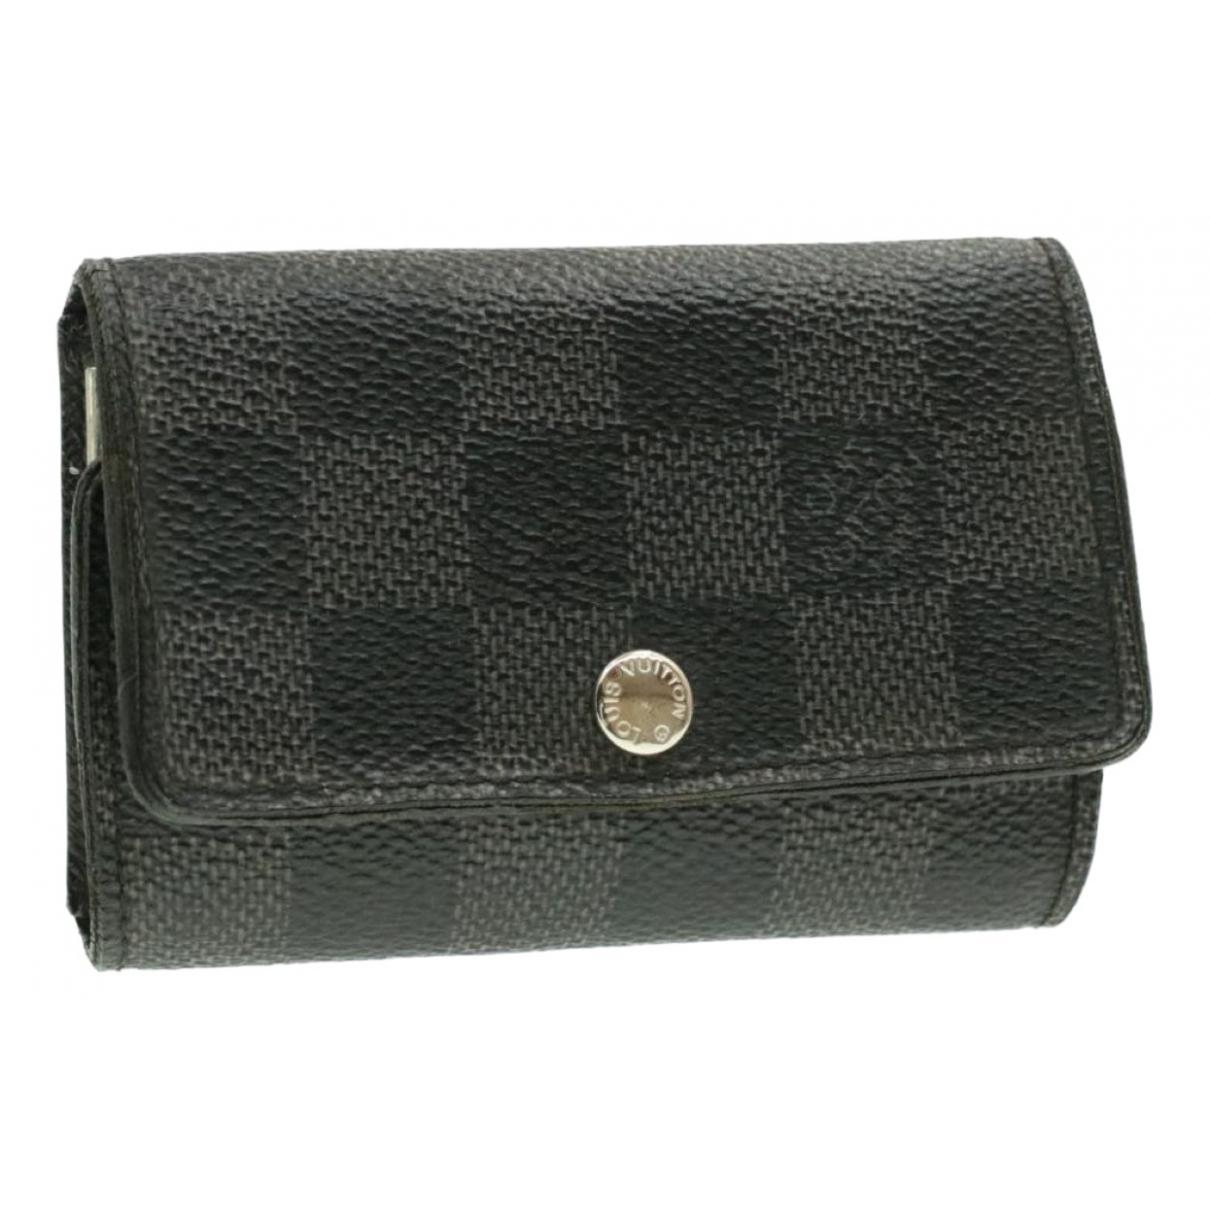 Louis Vuitton - Foulard   pour femme en autre - noir